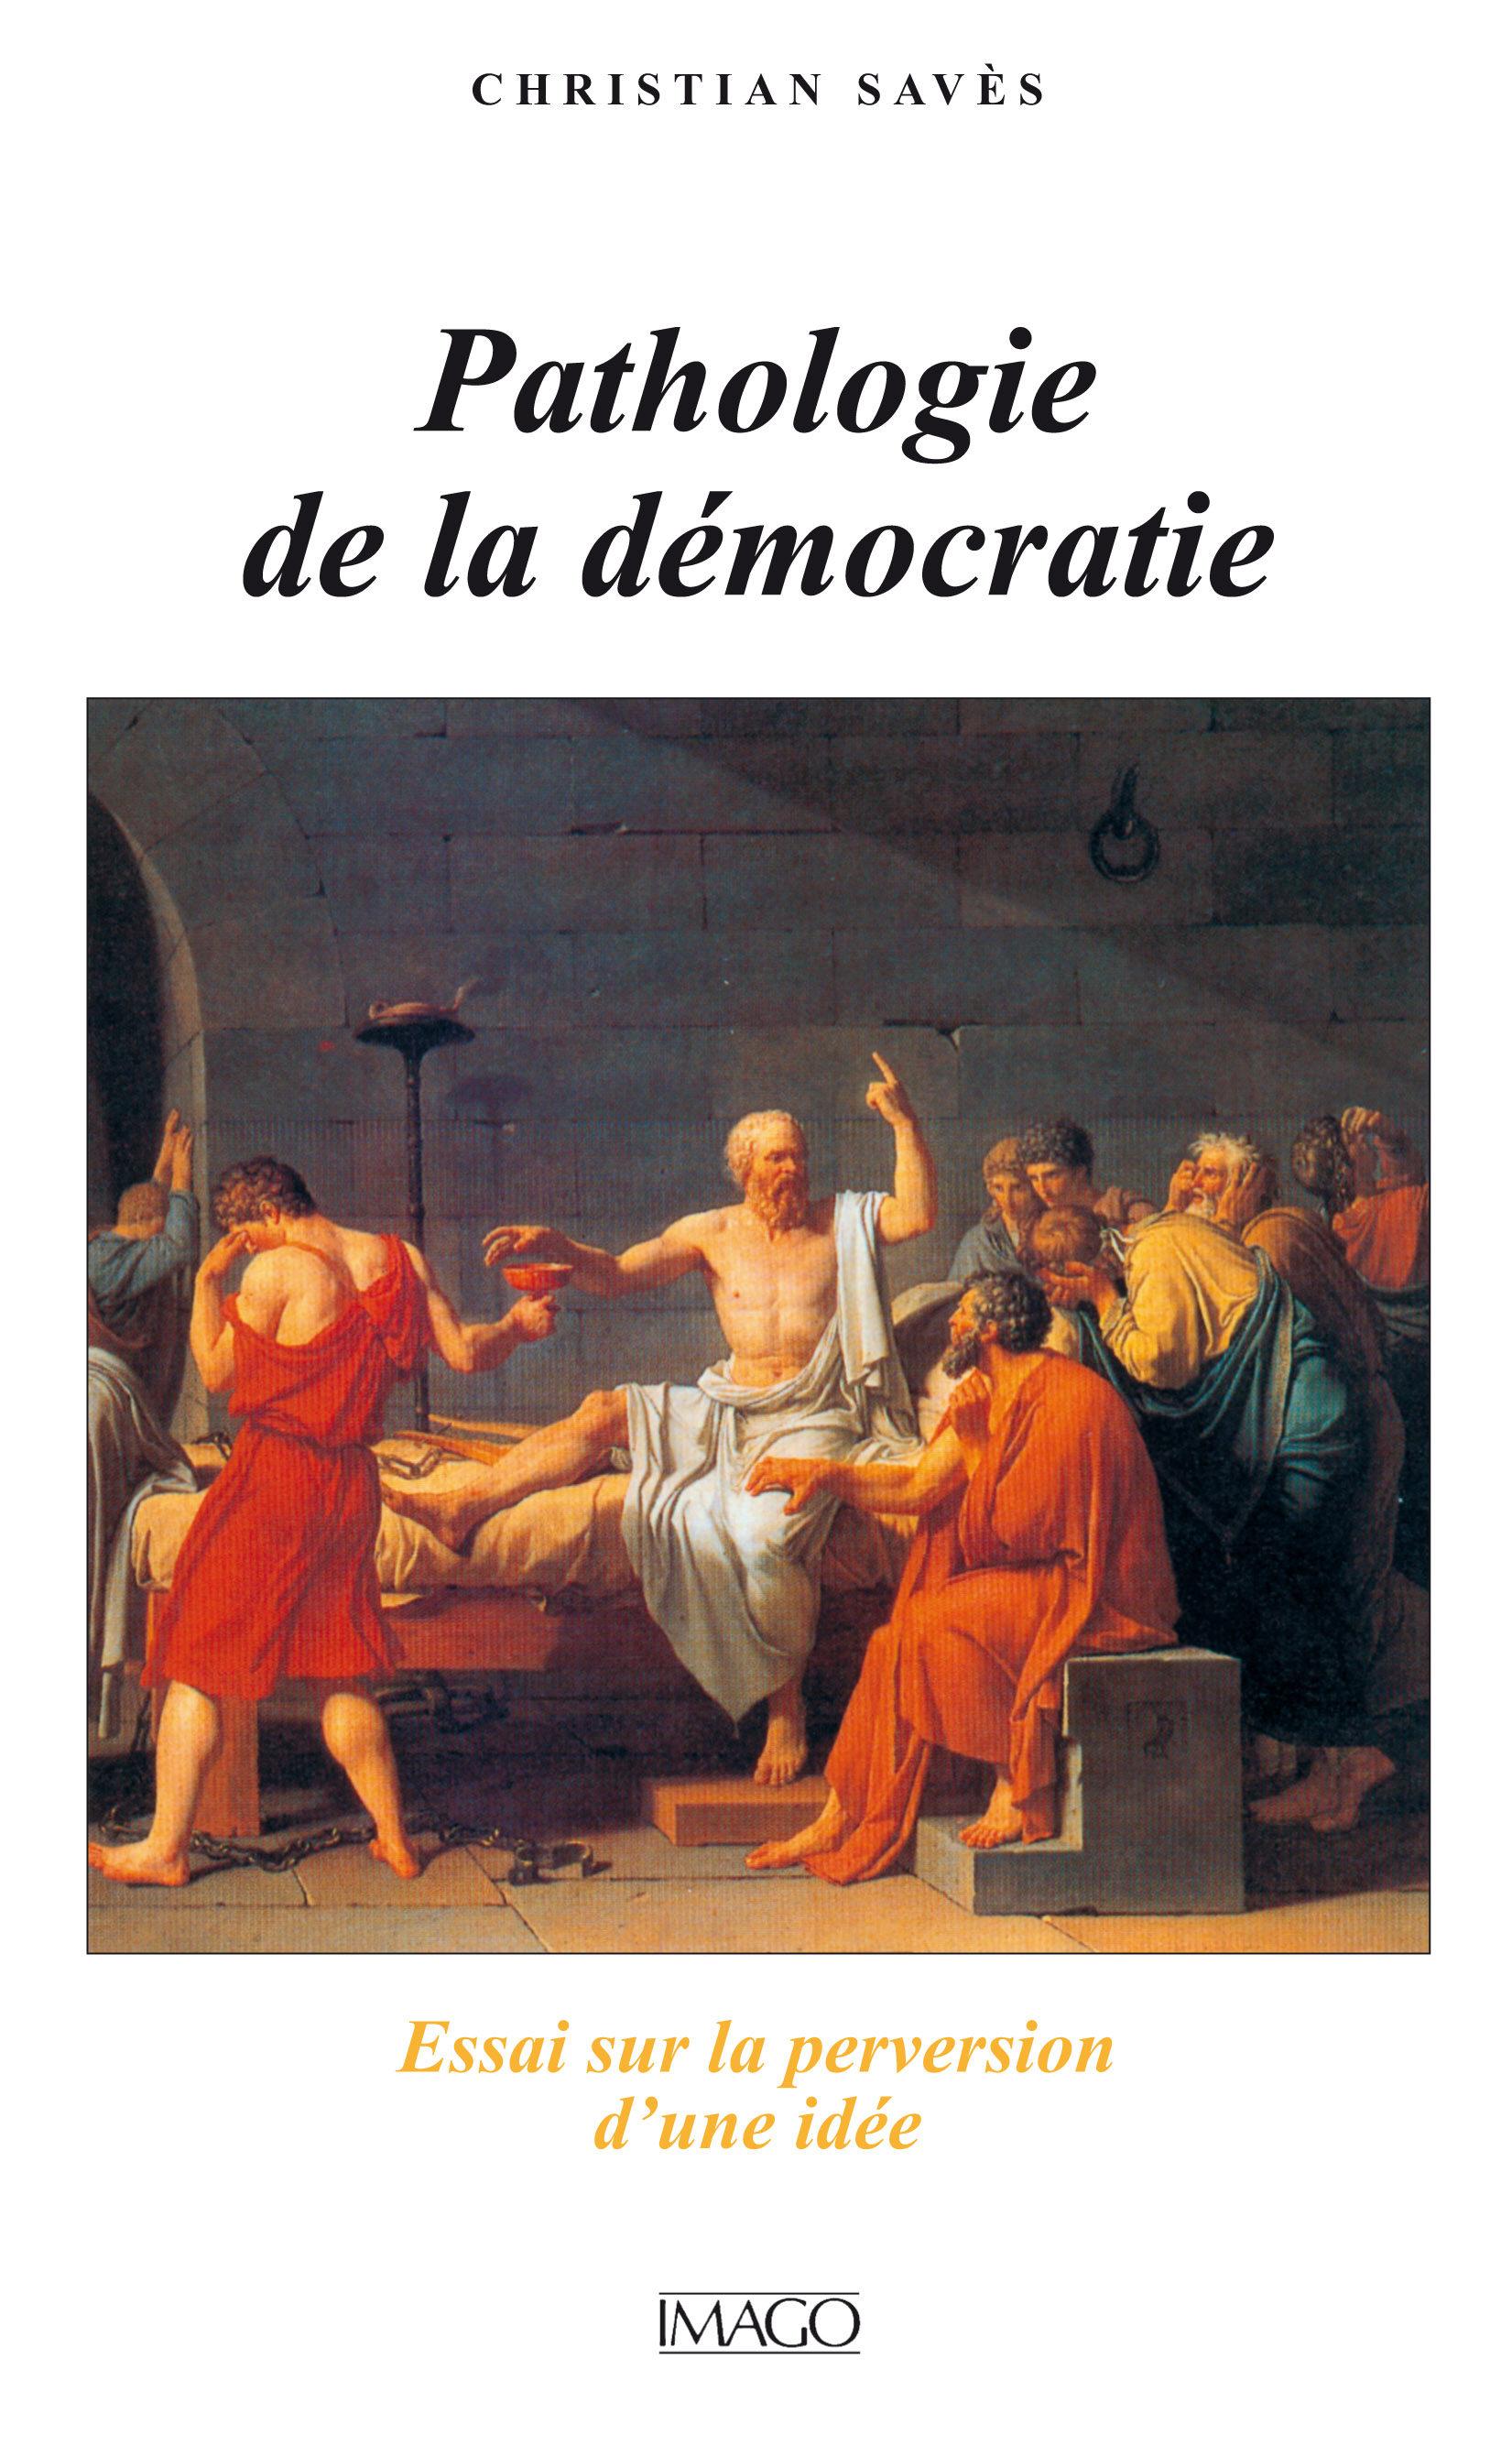 E-Books Gratis «Pathologie De La Démocratie : Essai Sur La Perversion D'une Idée» Gratis Para Bajar A Tablet